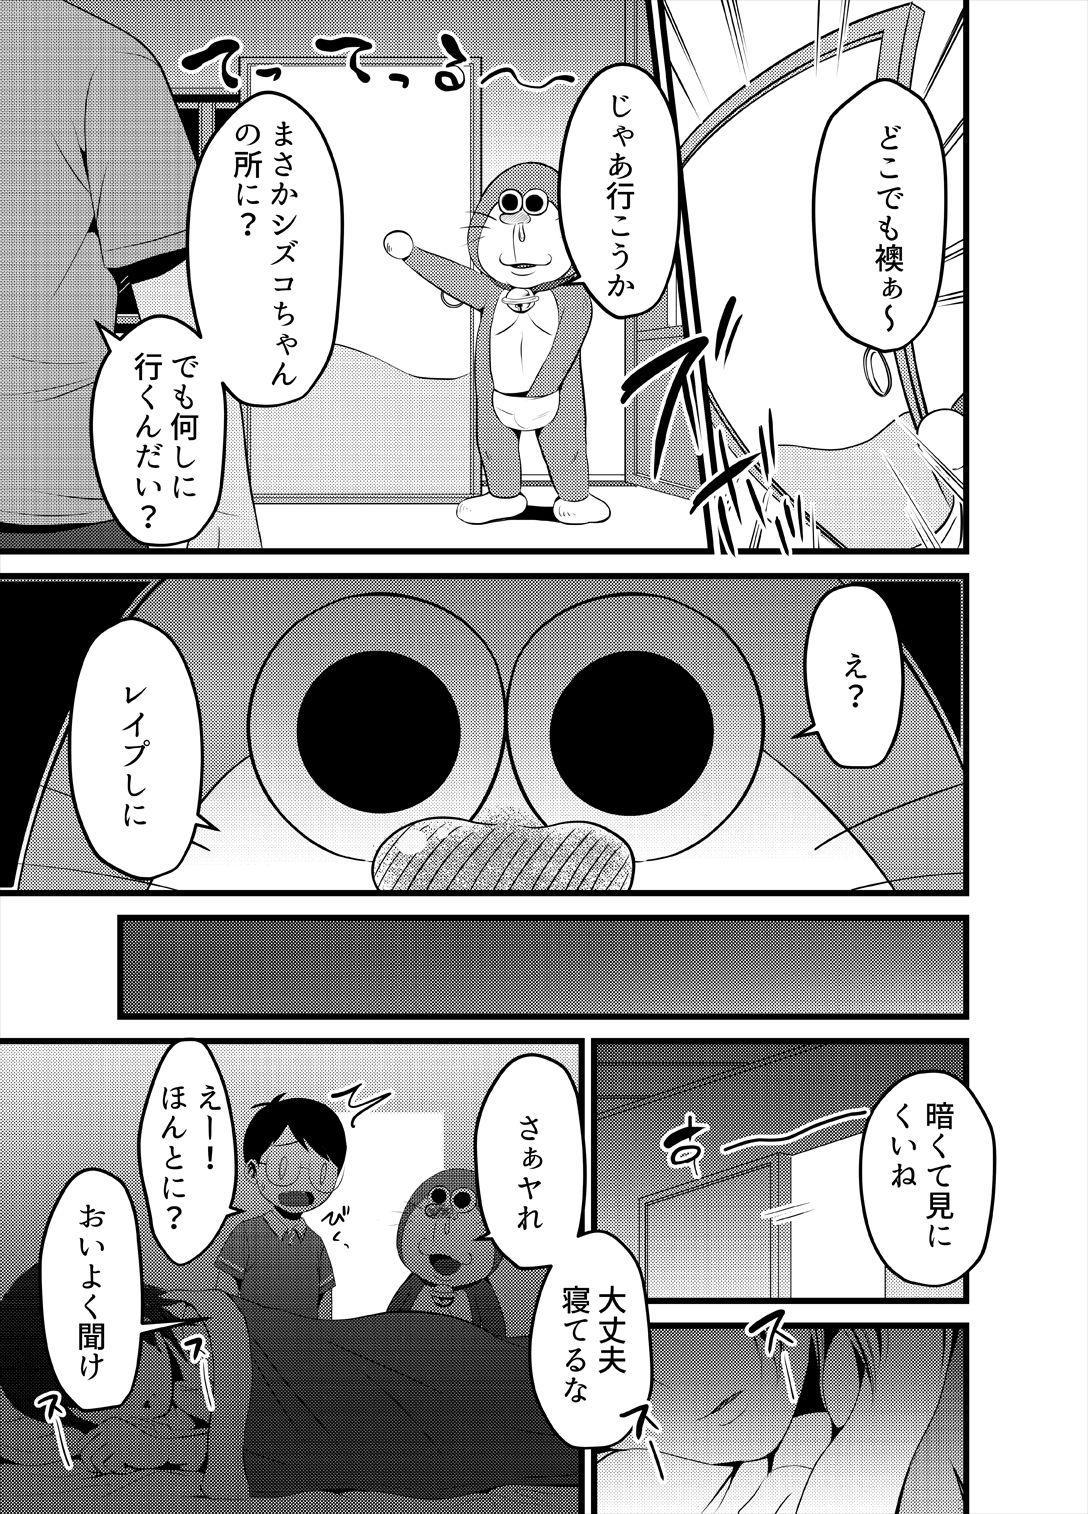 [Babymaker (Beco)] Gesuemon STAND-MY-D (Doraemon) [Digital] 3